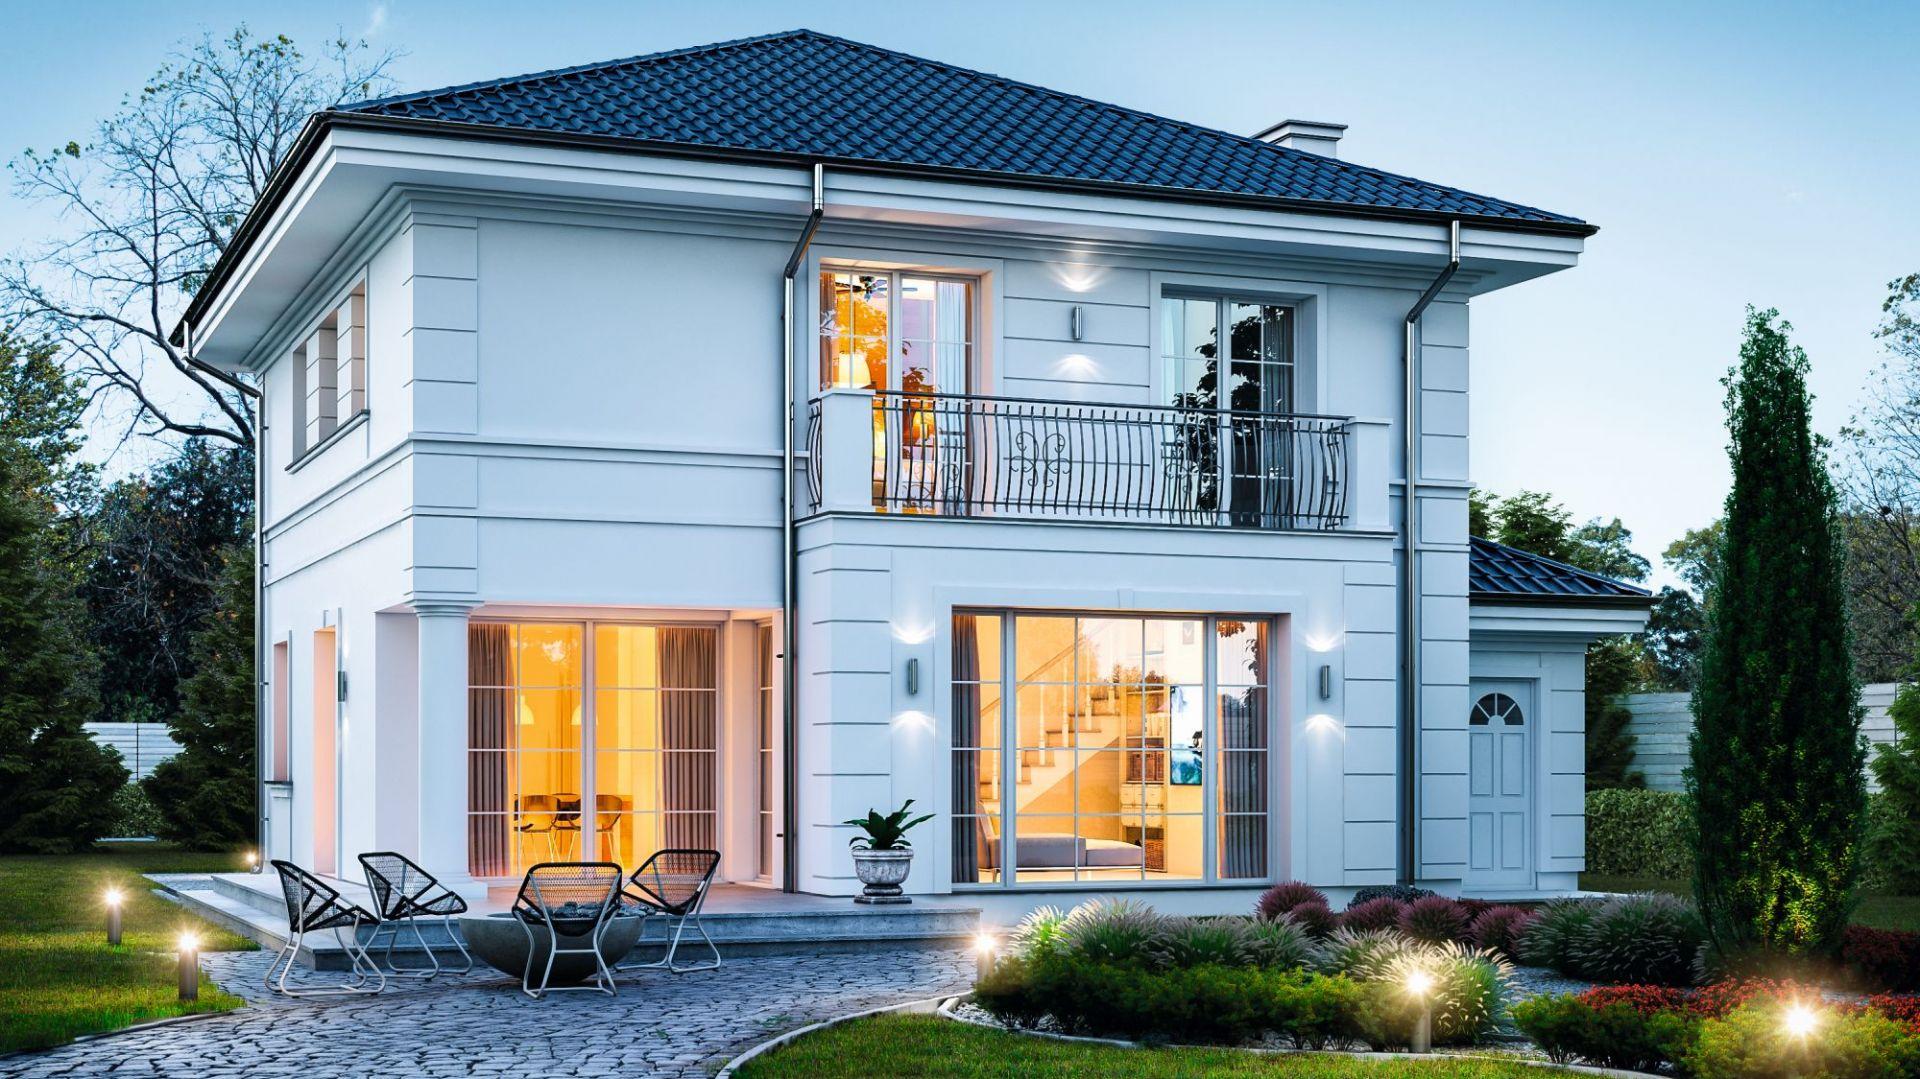 To dom dla wszystkich, którym się marzy mini-rezydencja. Dom Willa diamentowa. Projekt: arch. Michał Gąsiorowski. Fot. MG Projekt